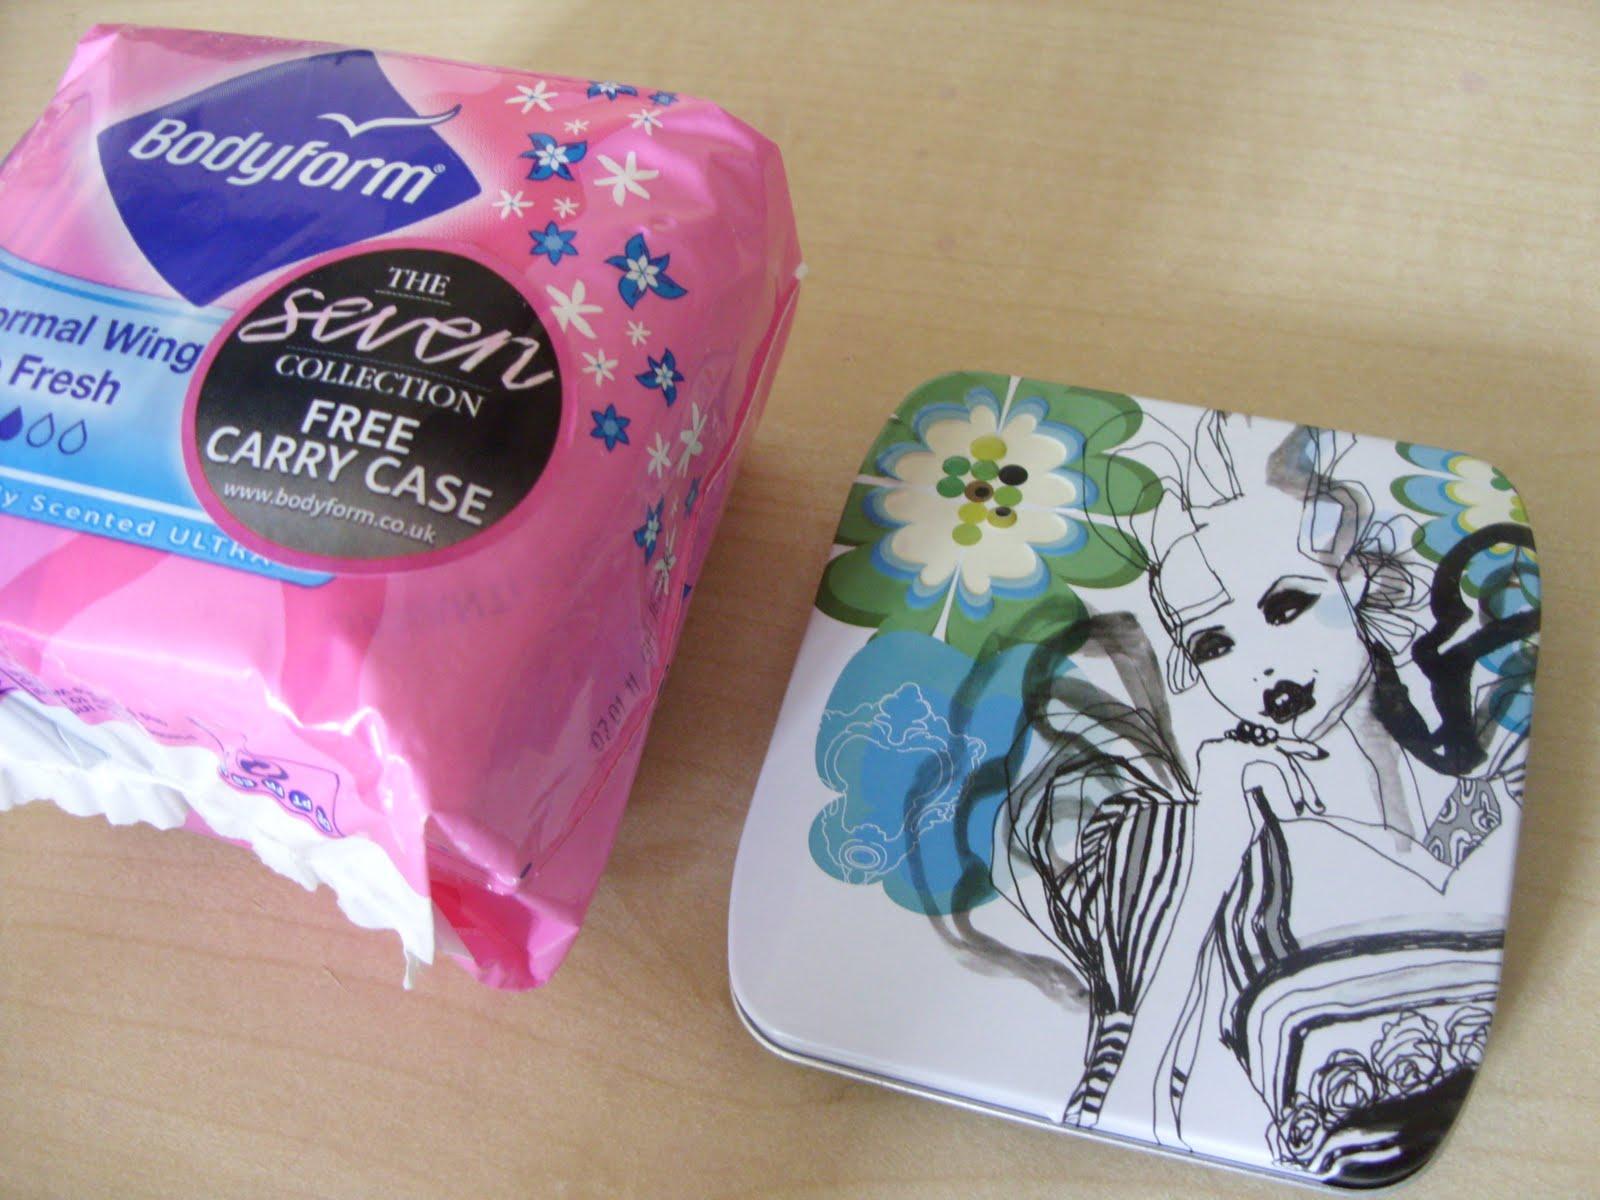 £1 for selected Bodyform towels @ Superdrug - HotUKDeals